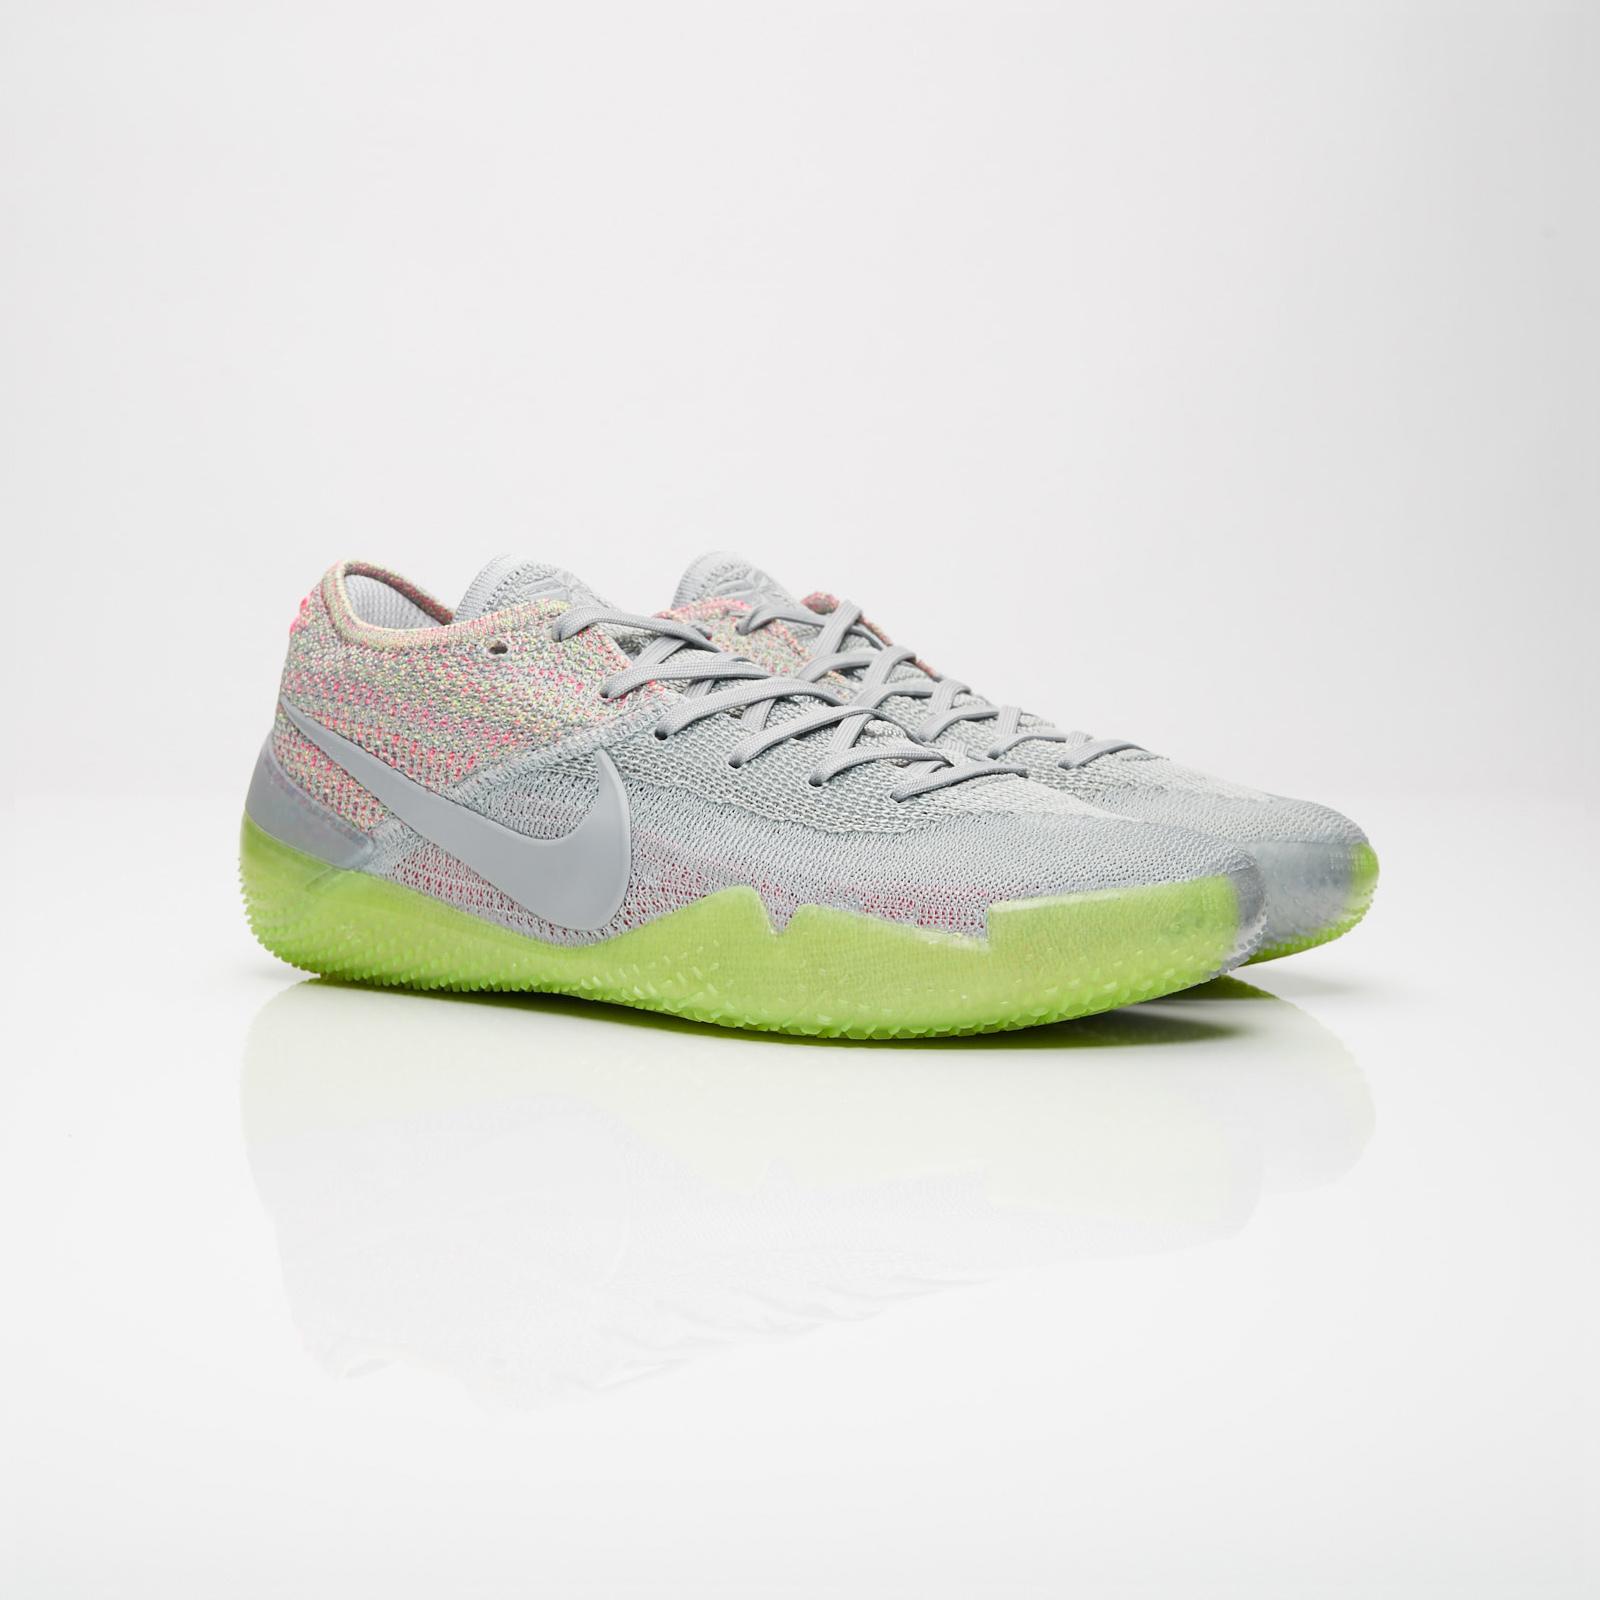 cc7a1d18e95ca4 Nike Kobe AD Nxt 360 - Aq1087-003 - Sneakersnstuff